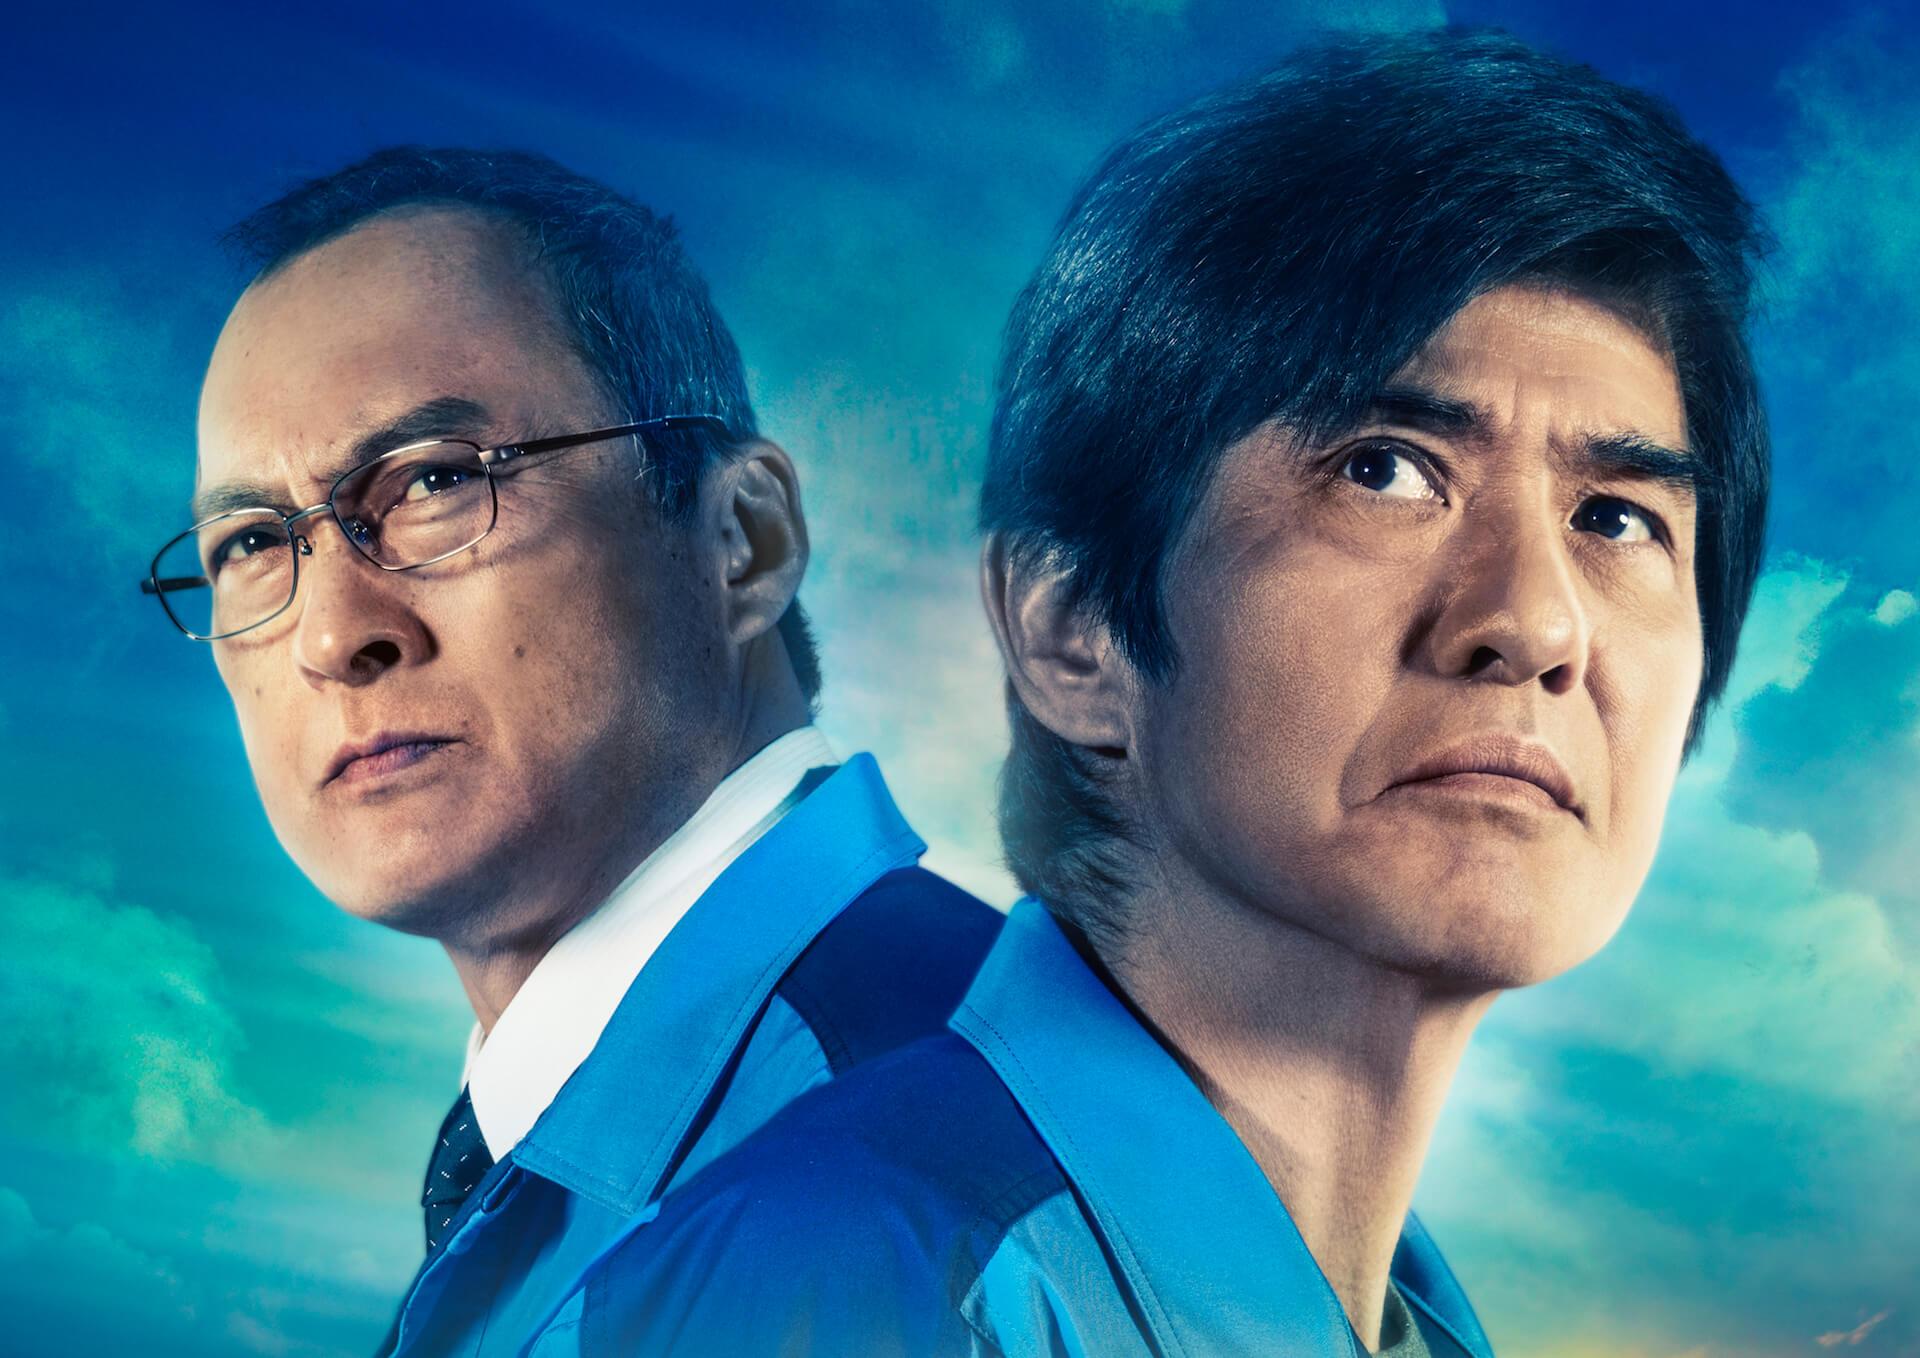 『となりのトトロ』が劇場に帰ってくる!<映画のまち調布 シネマフェスティバル2021>開催で人気作品が上映決定 film201201_chofu_eiga_7